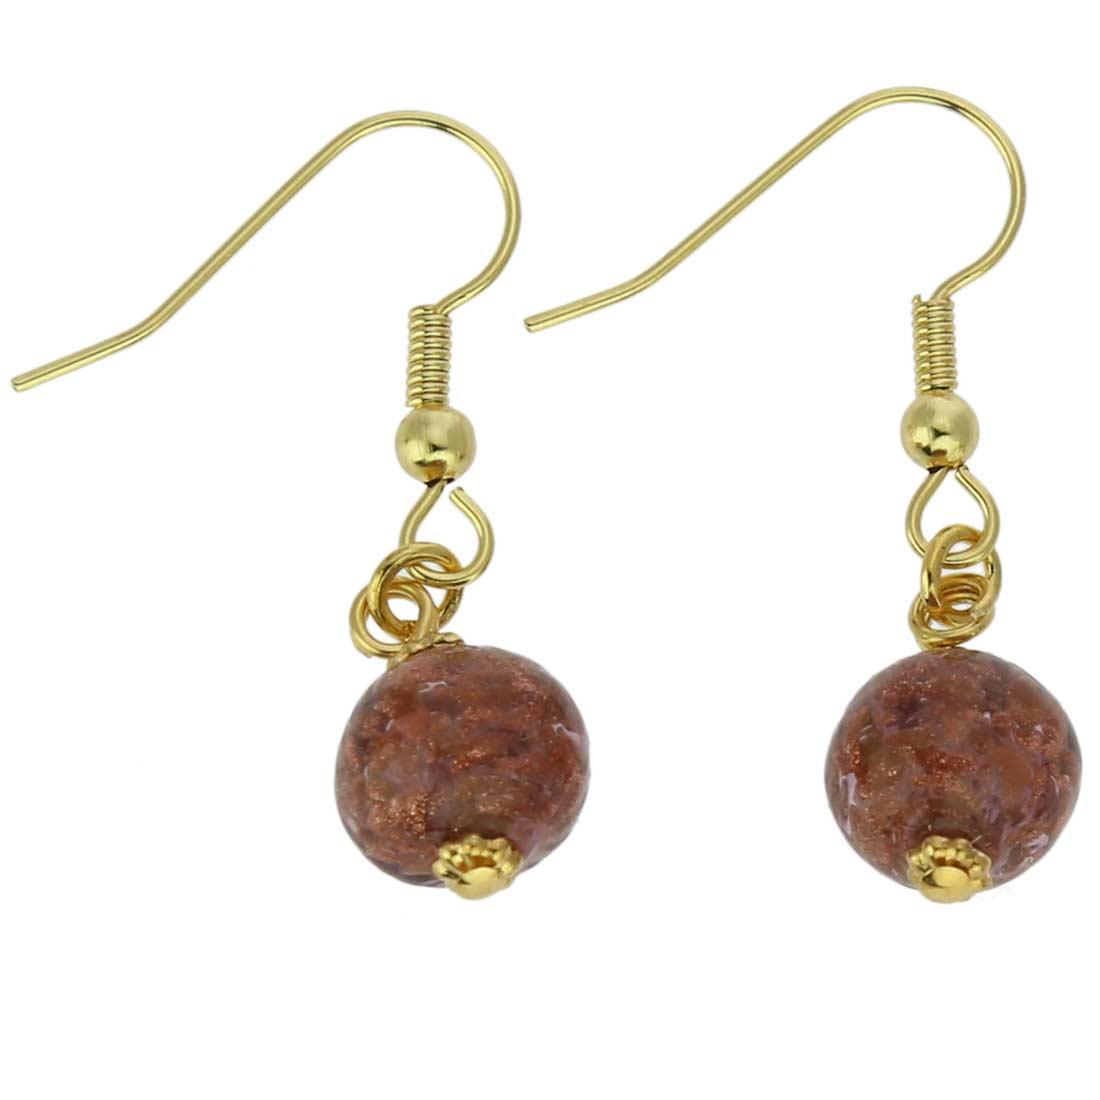 Starlight balls earrings - amethyst